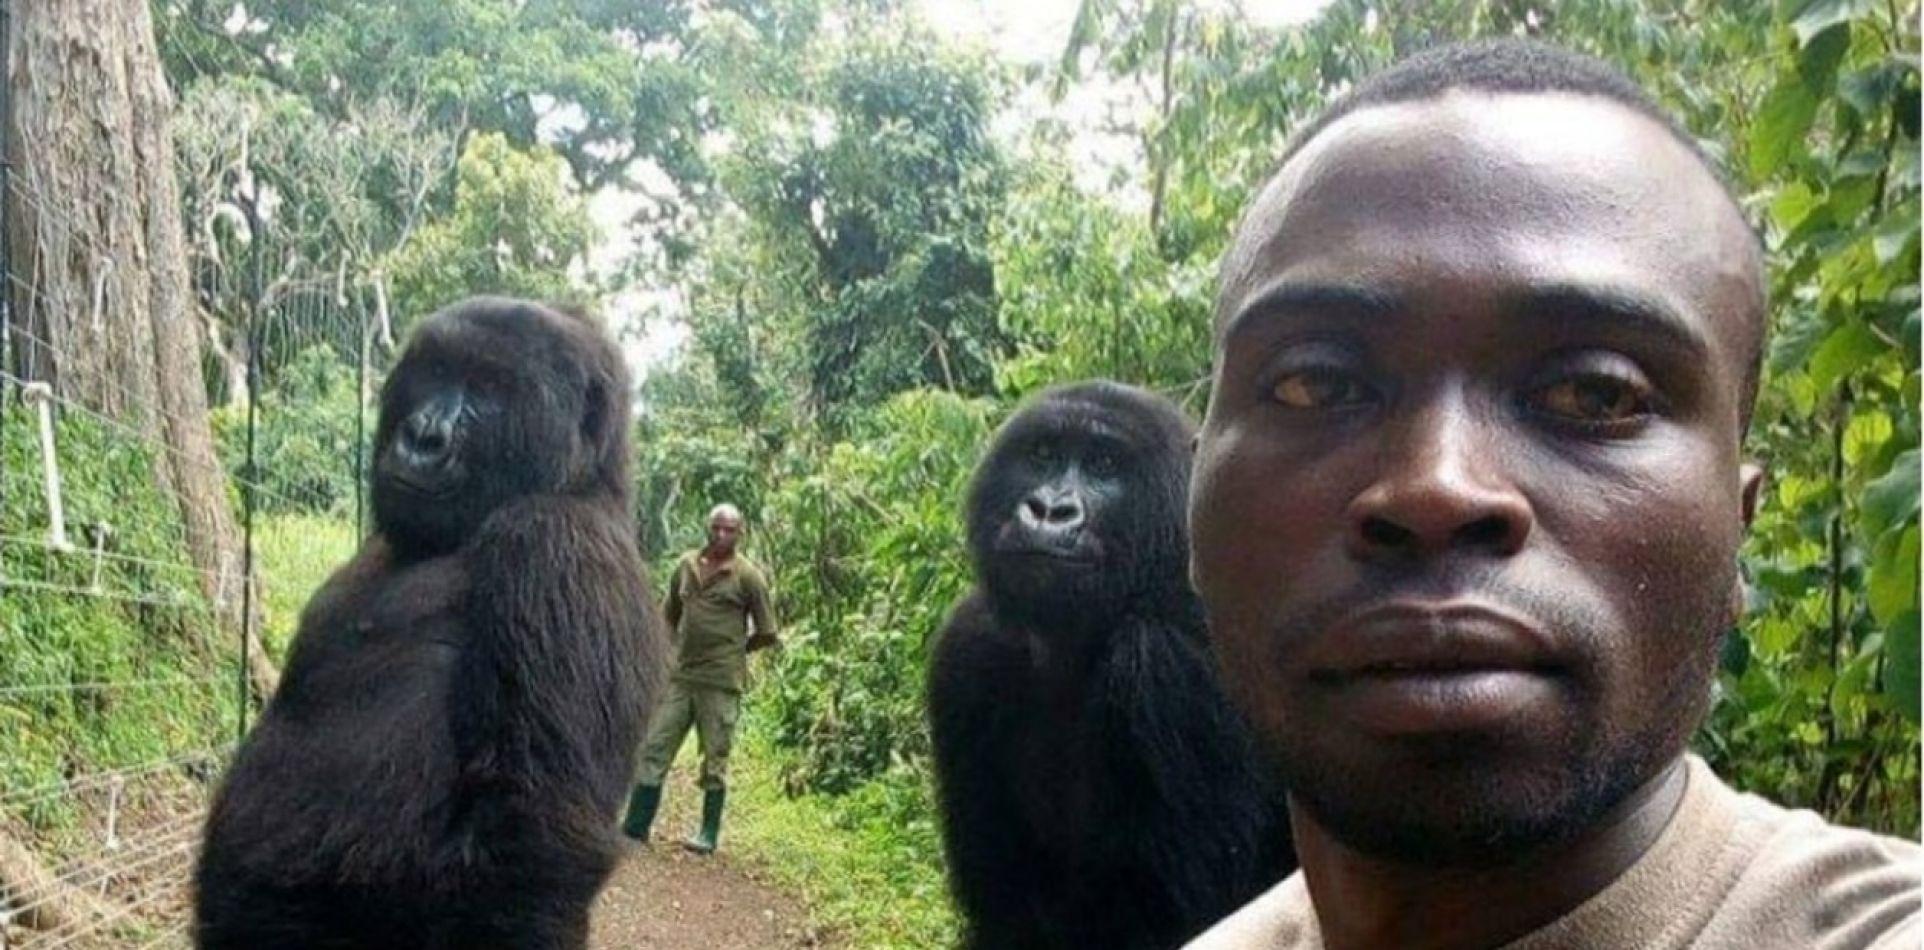 La verdadera historia de la selfie con los gorilas que se volvió viral